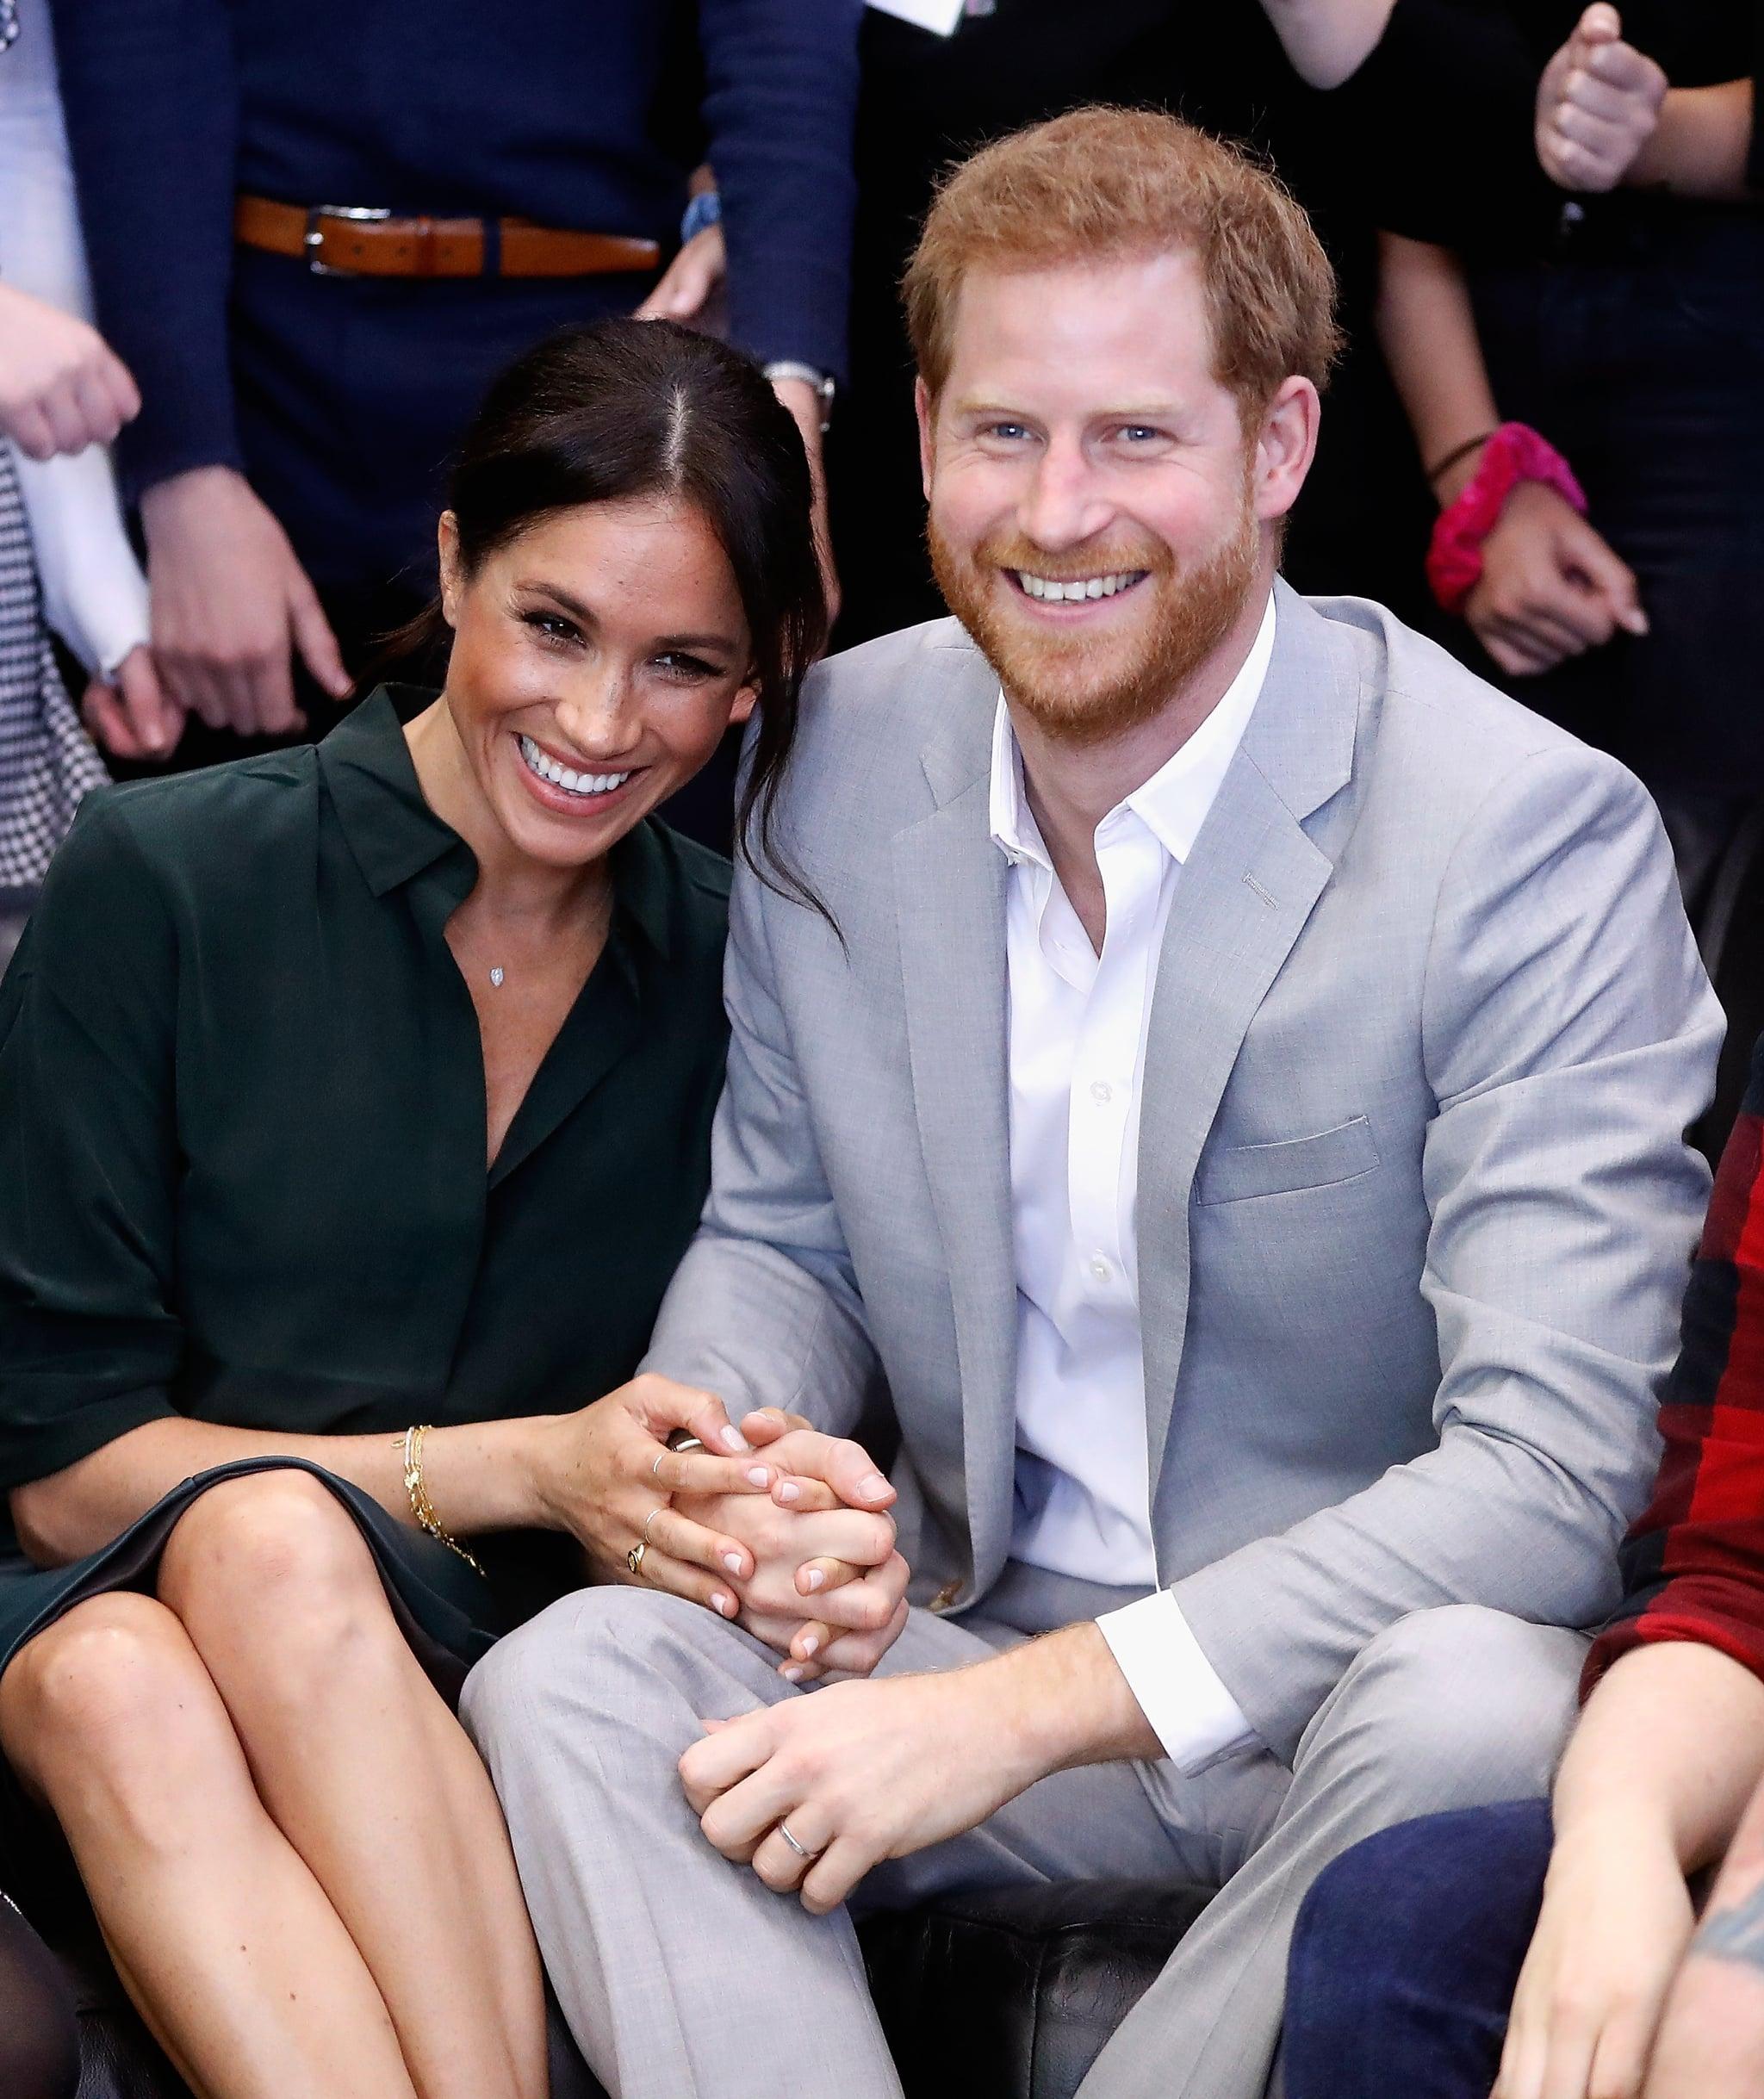 PEACEHAVEN ، پادشاهی متحده - 03 اکتبر: (یادداشت سردبیران: انتقال مجدد با محصول جایگزین.) مگان ، دوشس ساسکس و شاهزاده هری ، دوک ساسکس در 3 اکتبر 2018 در صلح هون بازدید رسمی از مرکز جوانان جف در صلحهون ، ساسکس انجام دادند ، انگلستان.  دوک و دوشس در 19 مه 2018 در ویندزور ازدواج کردند و The Queen به آنها دوک و دوشس ساسکس اعطا شد.  (عکس از کریس جکسون / گتی ایماژ)